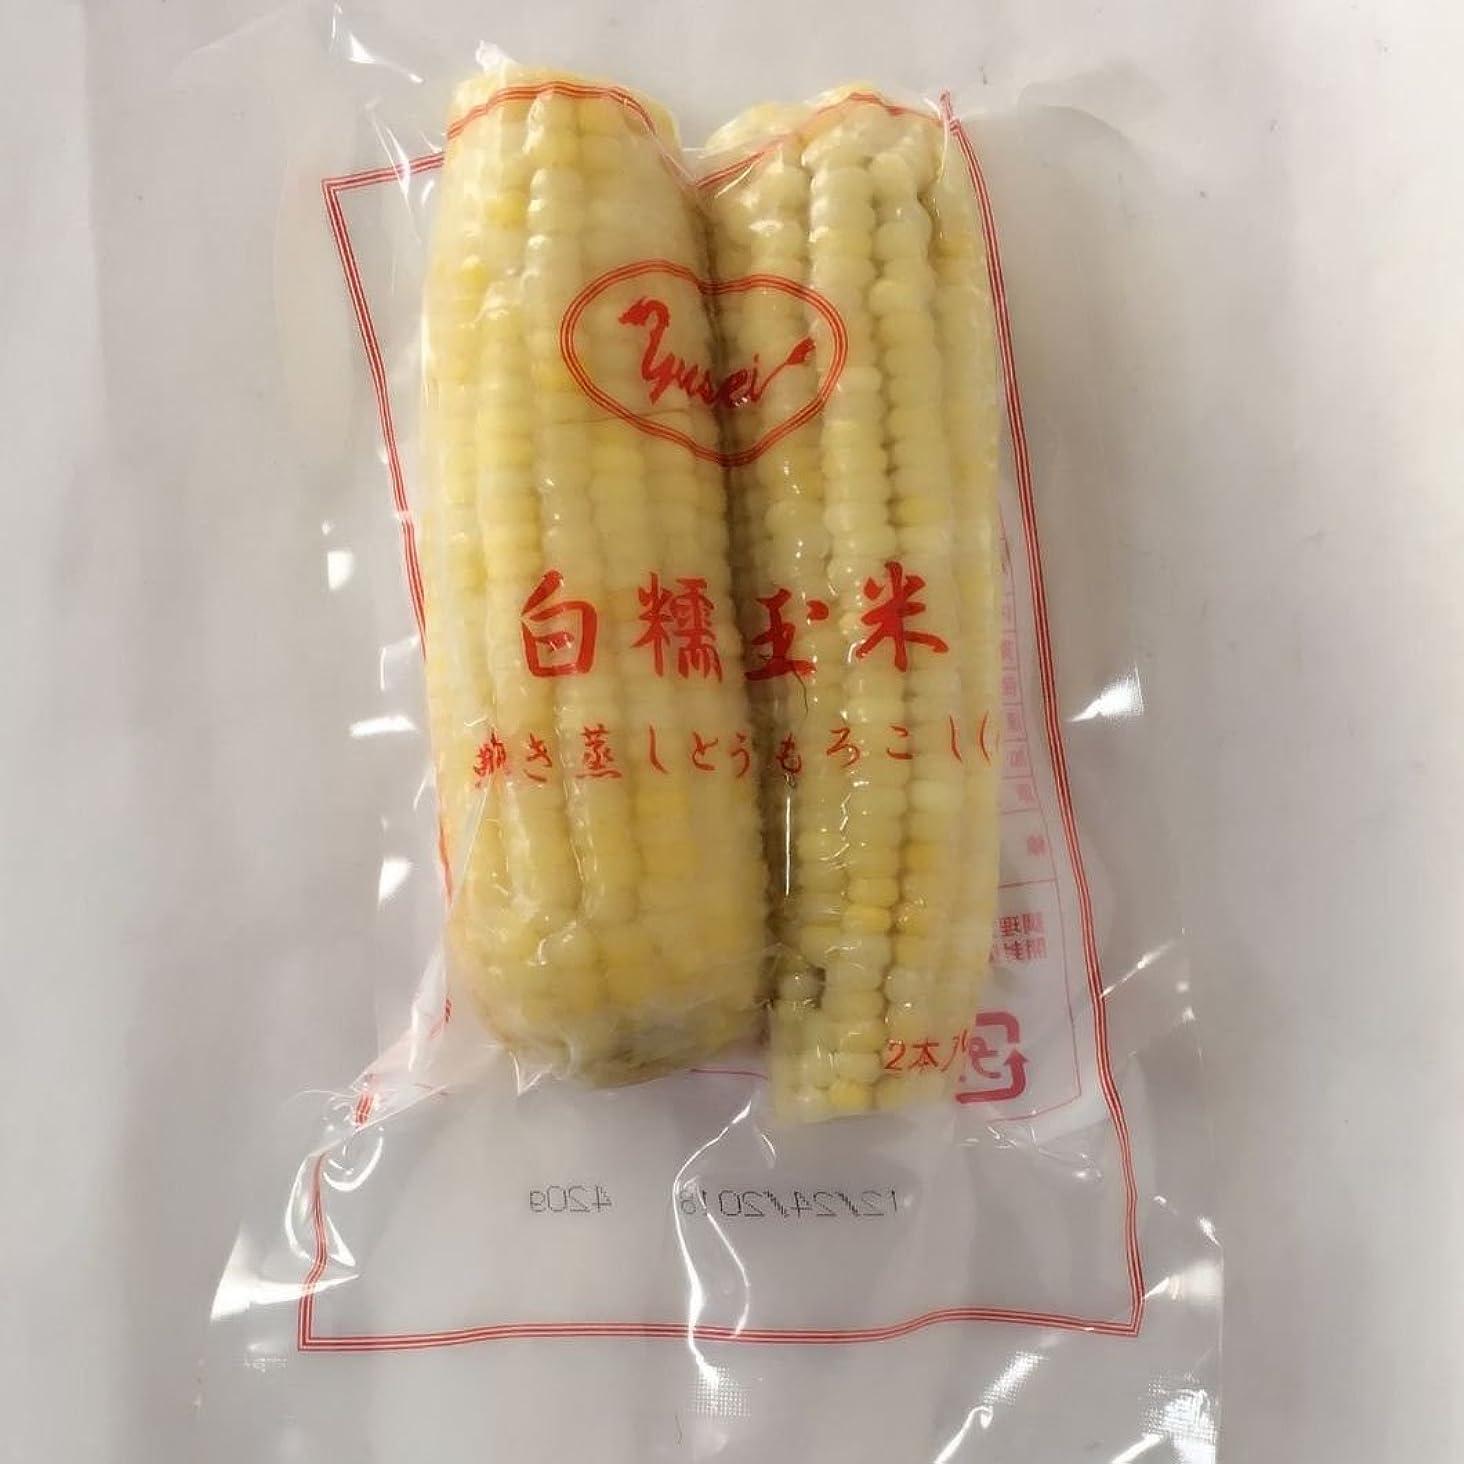 すでにサスティーンジョグ沖縄県産 とうもろこし(スィートコーン)約20cm前後10本(M~Lサイズ)